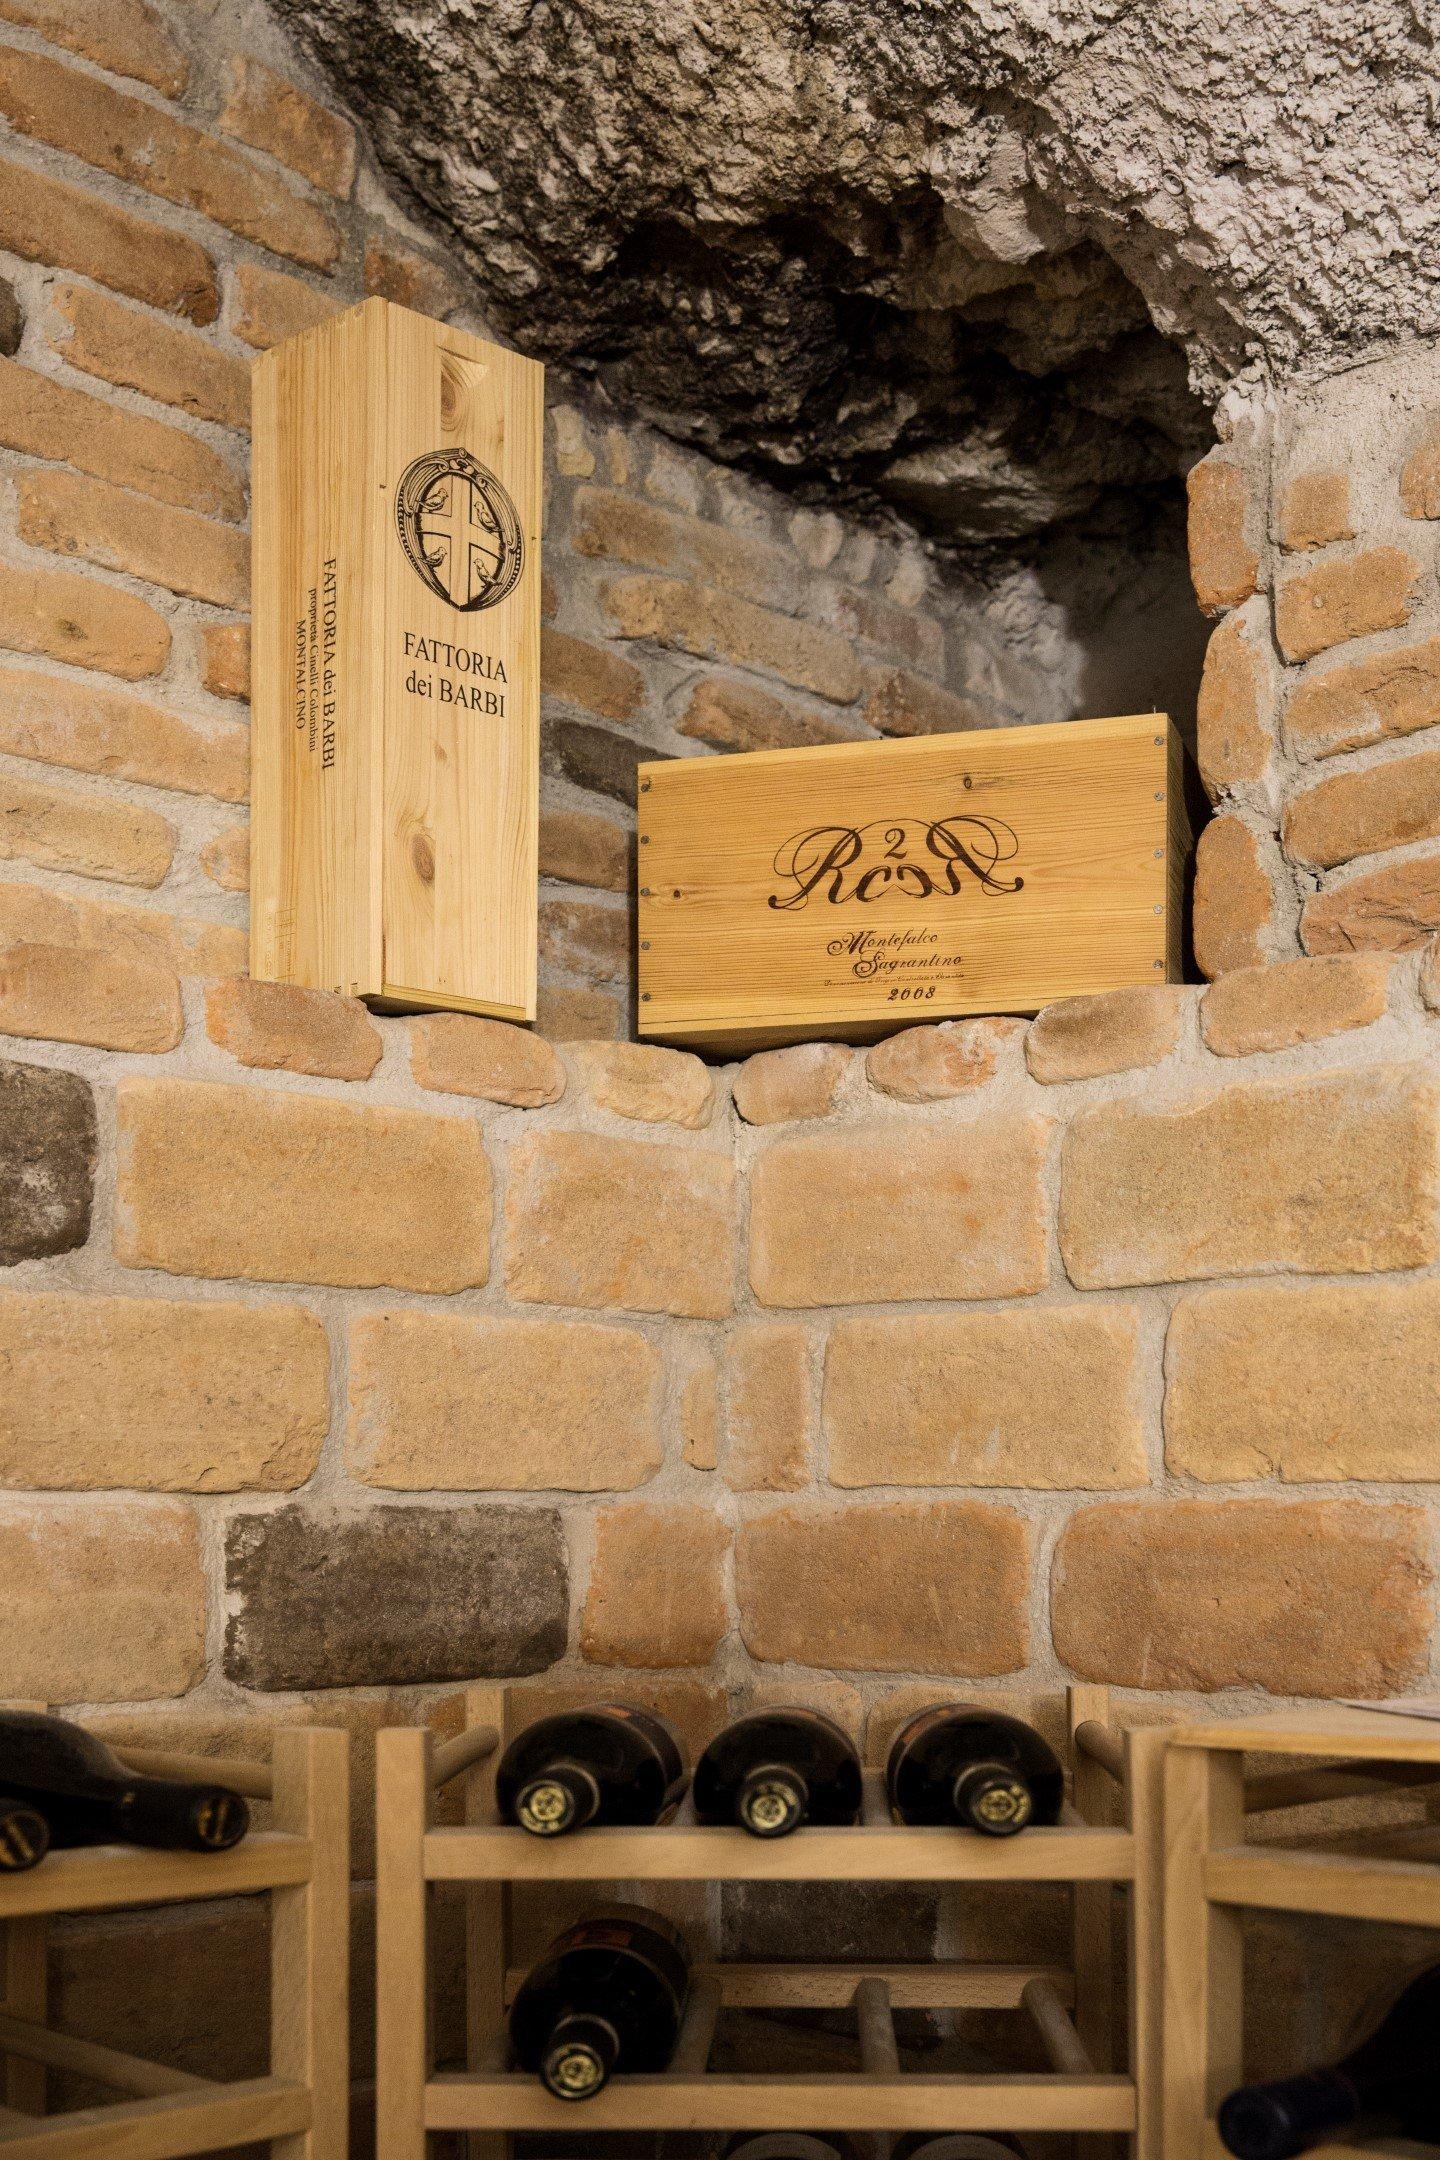 angolo in mattorni con delle bottiglie di vino in una bottiglieri